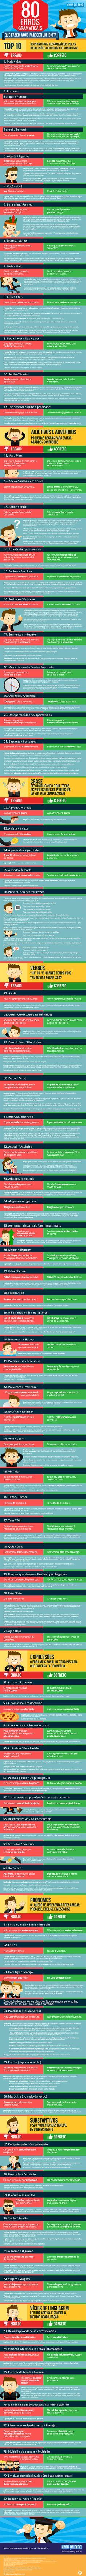 Erros gramaticais podem acabar com a sua reputação. Veja aqui a correção gramatical dos erros de português mais comuns, além de dicas para escrever melhor.